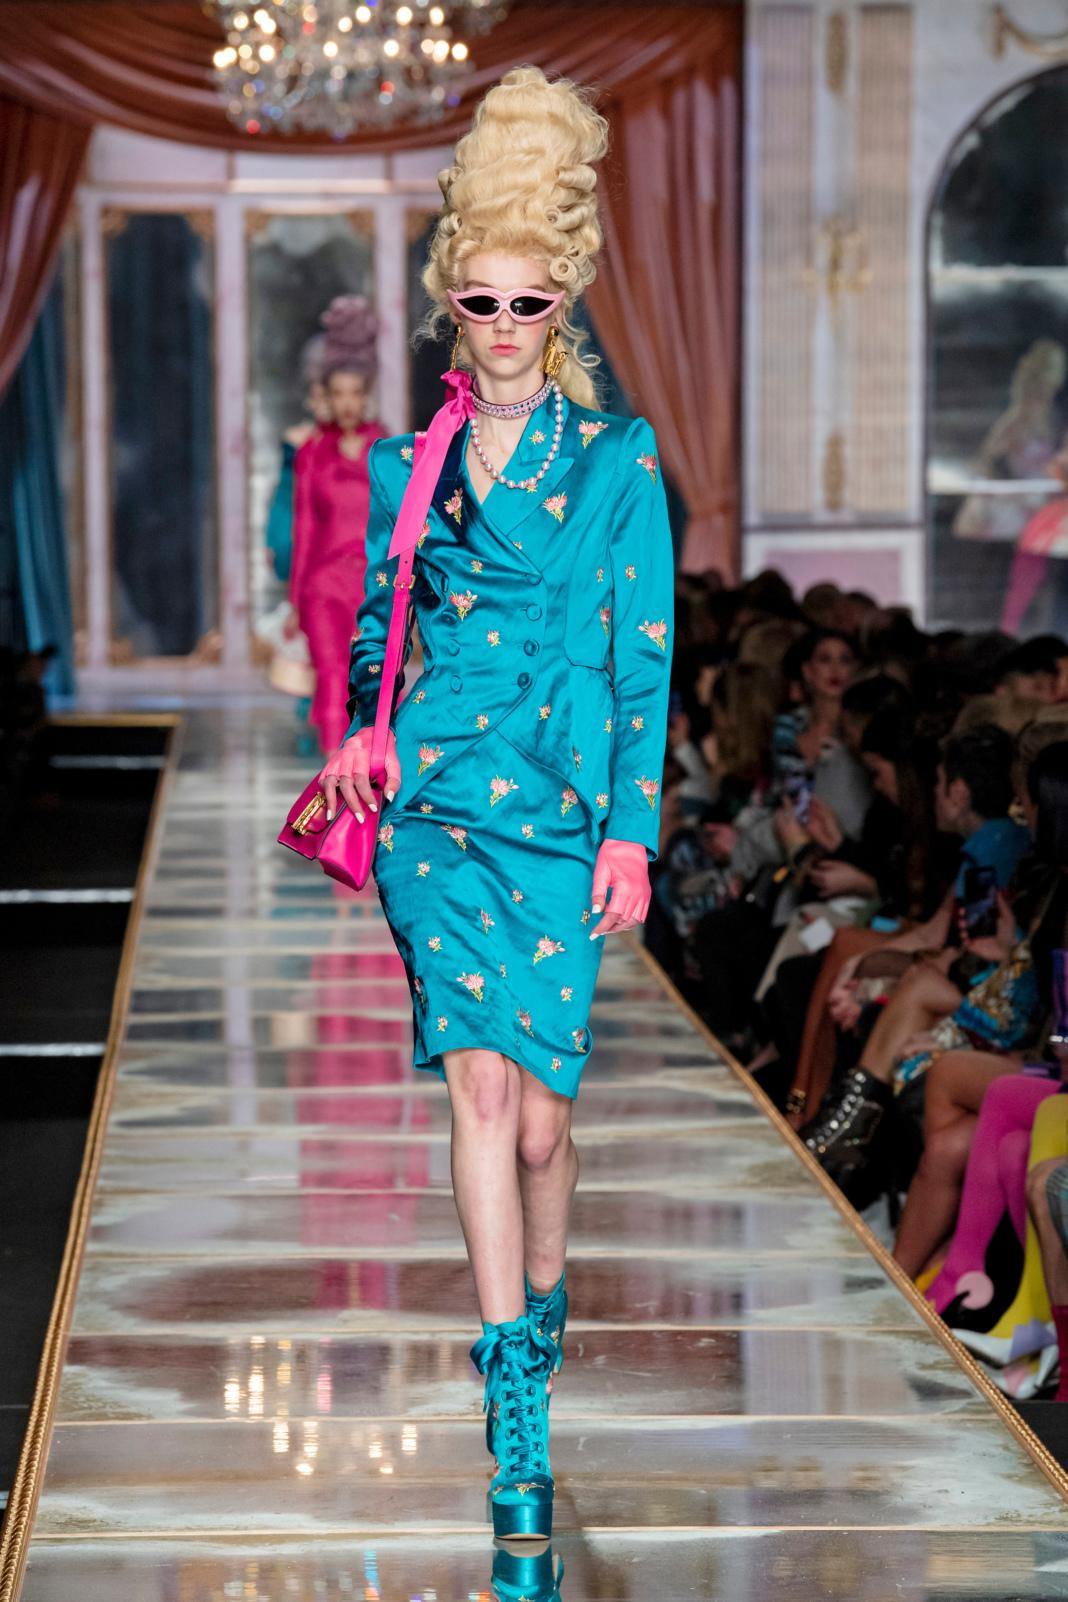 фото показ москино юбки бахромой бесплатной